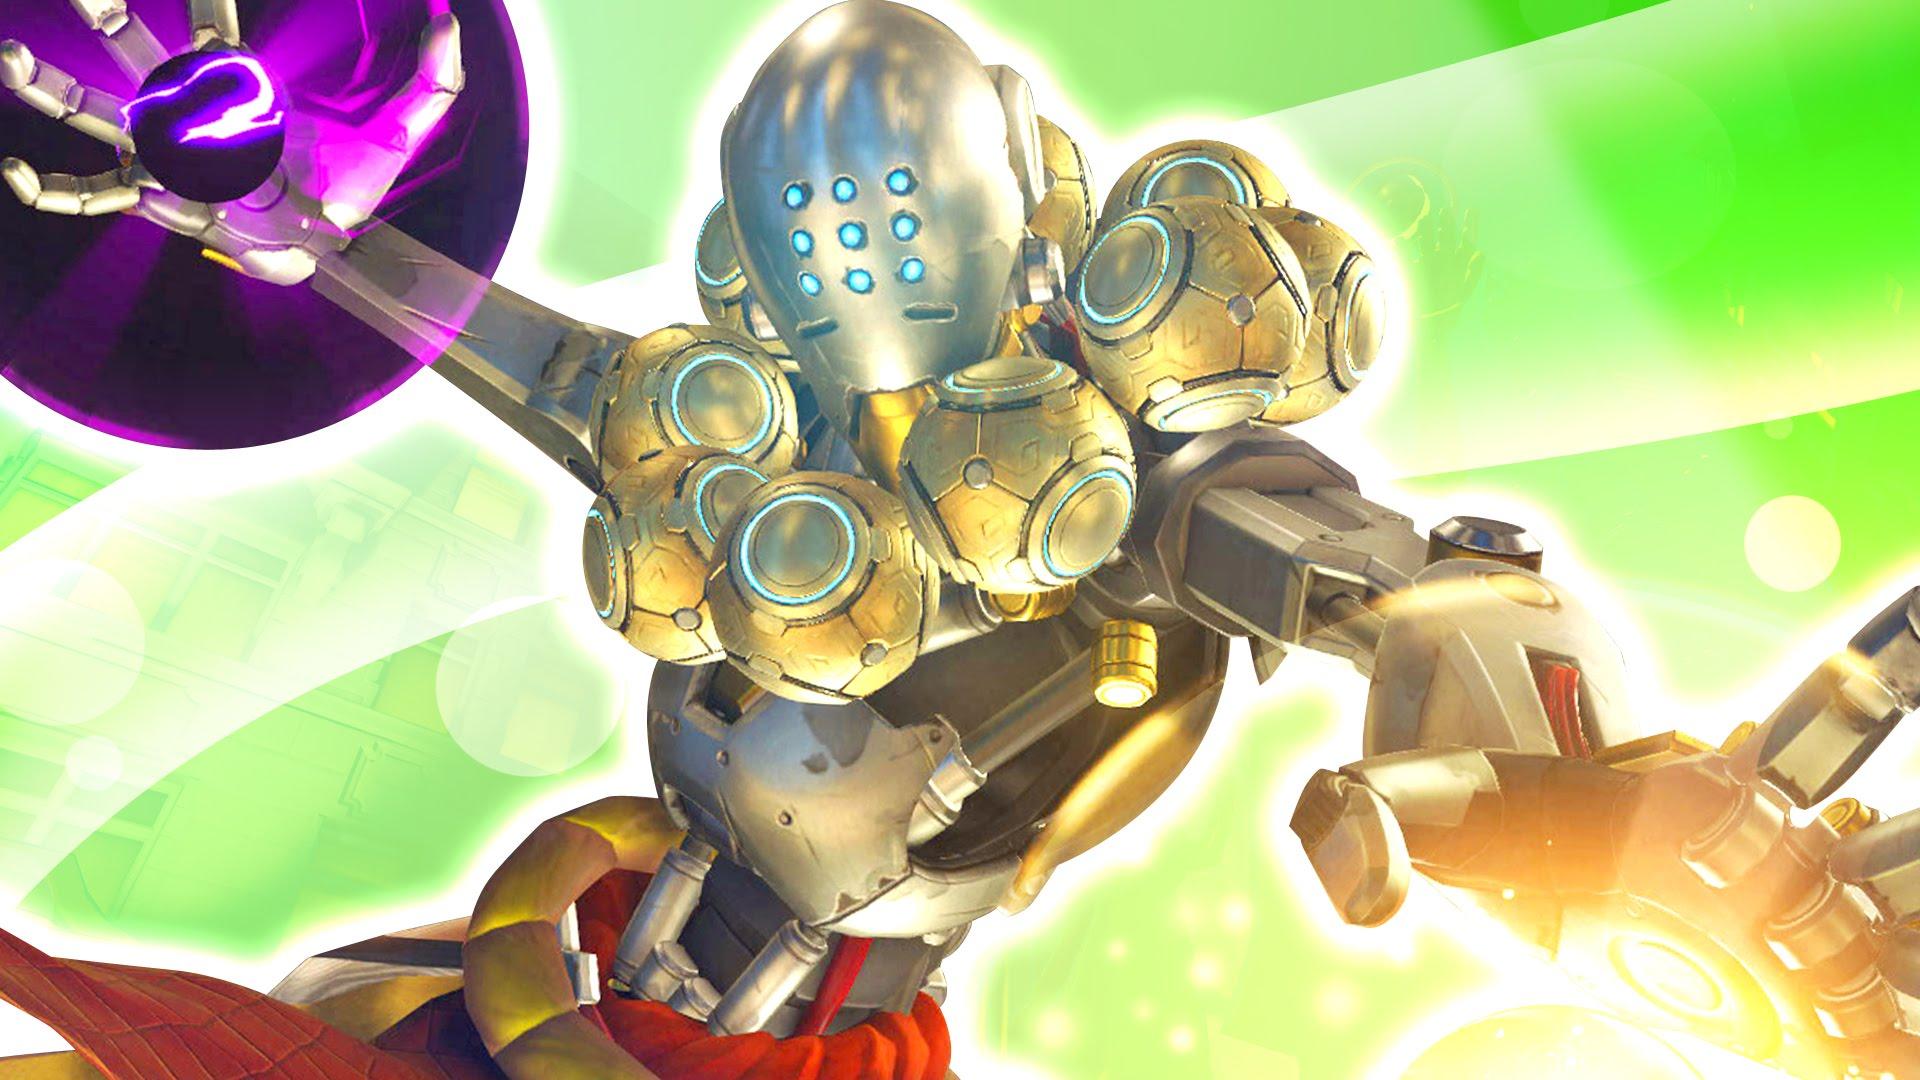 Overwatch : Zenyatta Backgrounds